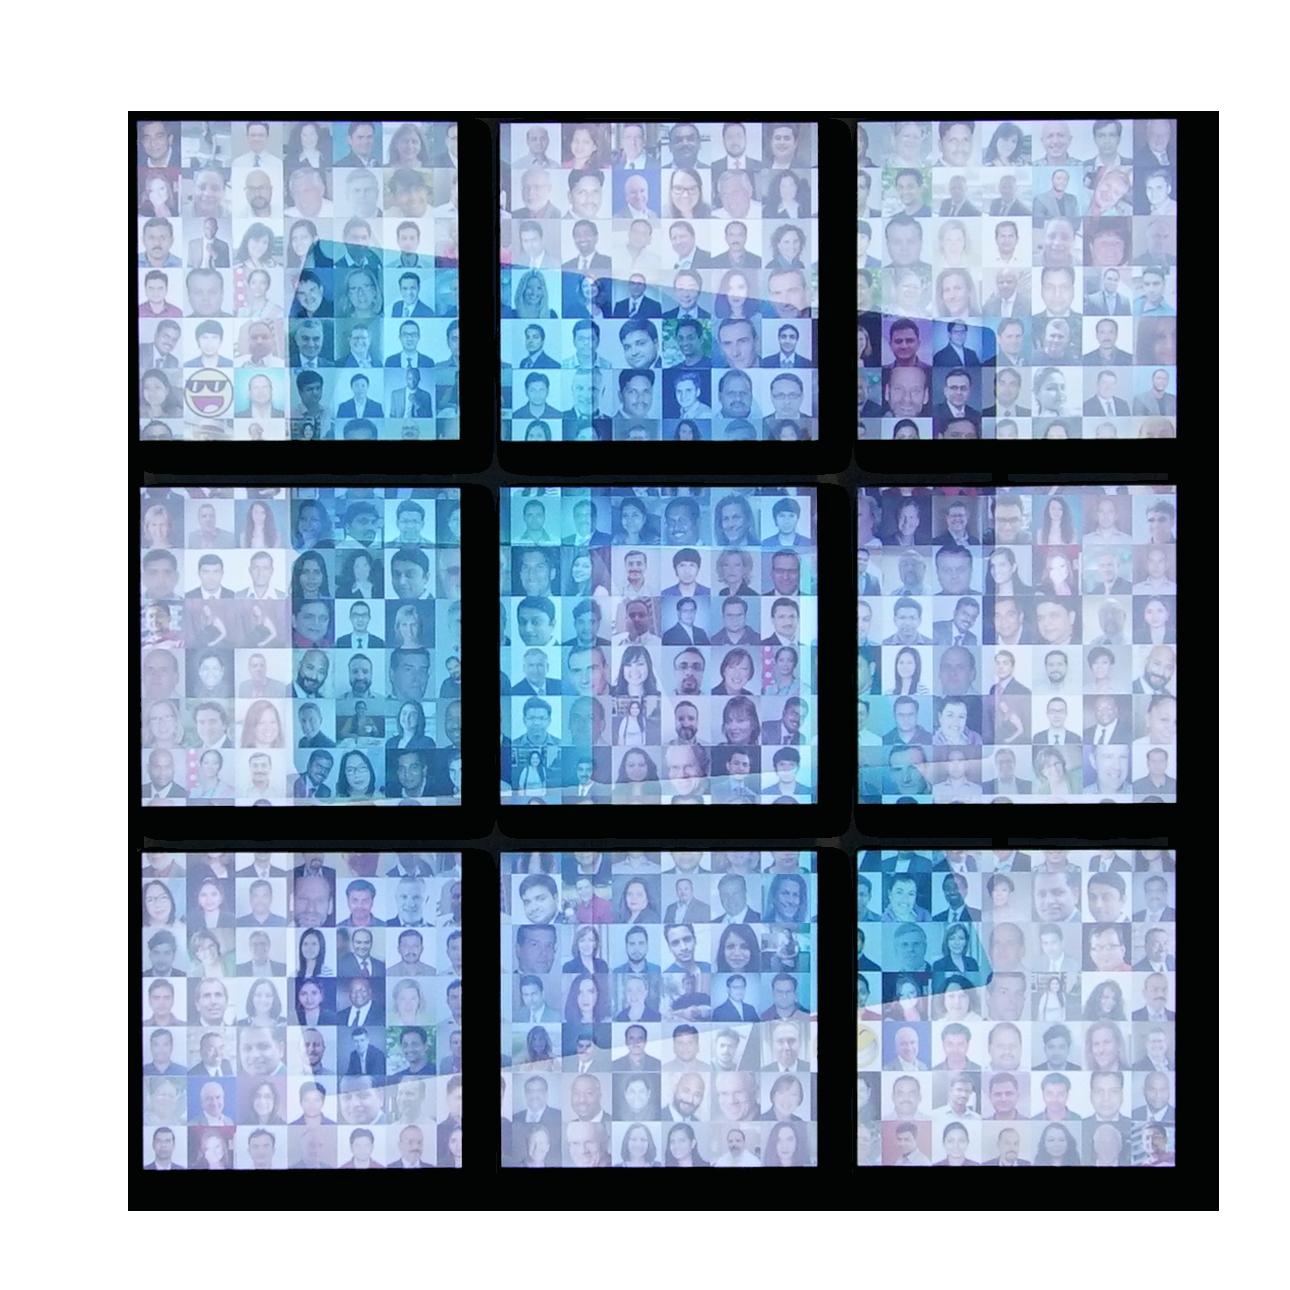 mosaic_wall.png